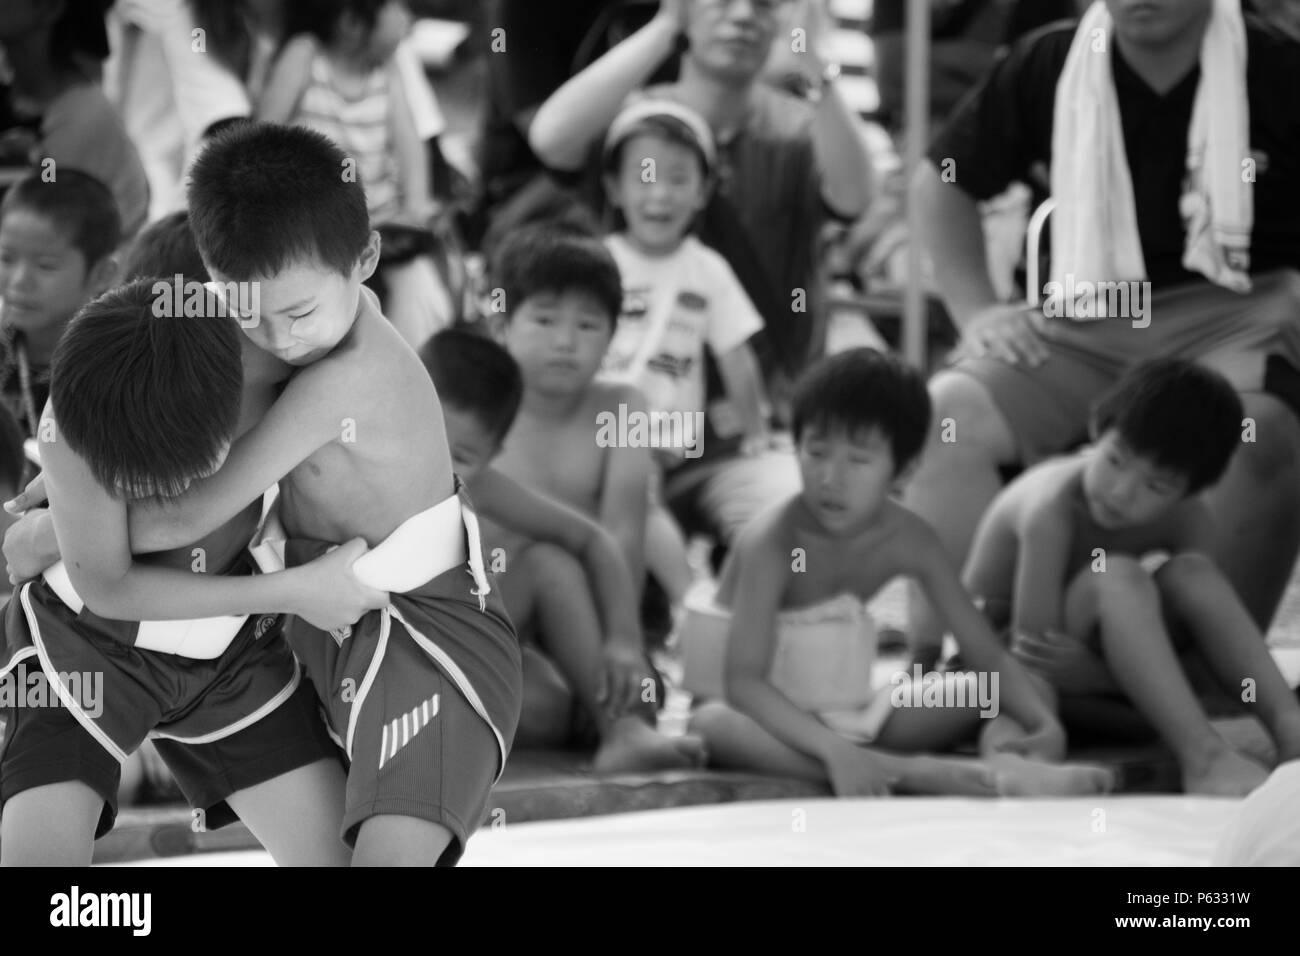 Kyoto, Giappone Agosto 2017: Esterno per bambini torneo di sumo nel Parco Arashiyama Nakanoshima Area. Immagini Stock